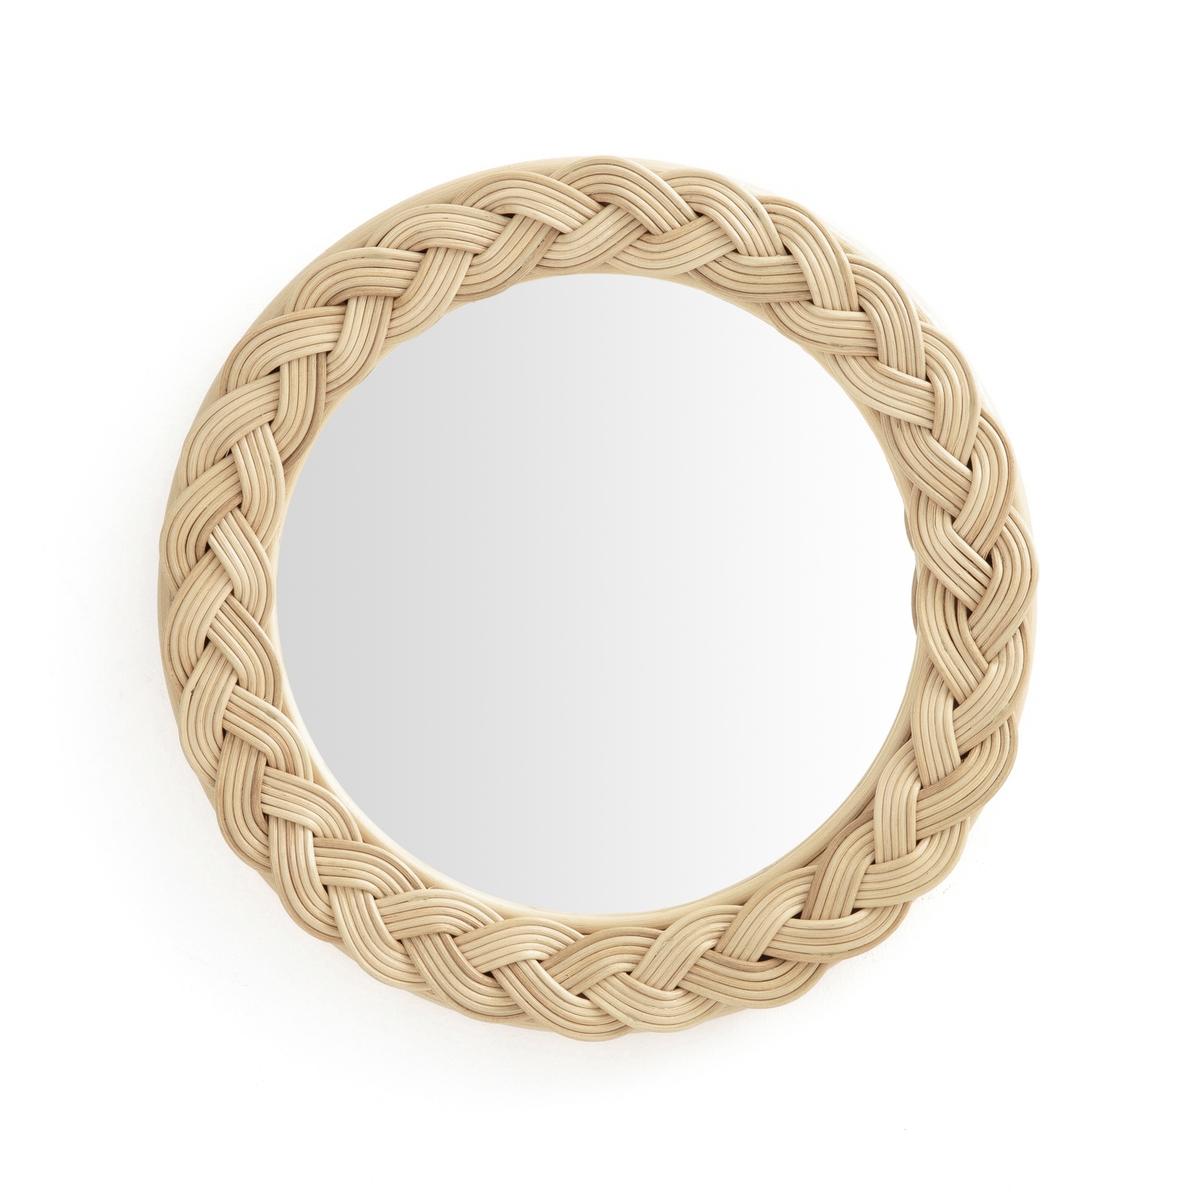 Зеркало круглое с плетеным ротангом, RybattКруглое зеркало с плетеным ротангом Rybatt. Добавьте аутентичную и натуральную нотку вашему дому благодаря зеркалу Rybatt из натурального ротанга.Характеристики зеркала Rybatt :Плетеный вручную ротанг, задняя стенка из МДФ.Веревка для крепления на стену.Крепежные детали, винты и дюбели продаются отдельно.Откройте для себя наши декоративные зеркала на сайте laredoute.ruРазмеры зеркала Rybatt :Общий диаметр : 41 смДиаметр зеркала : 29 см<br><br>Цвет: серо-бежевый